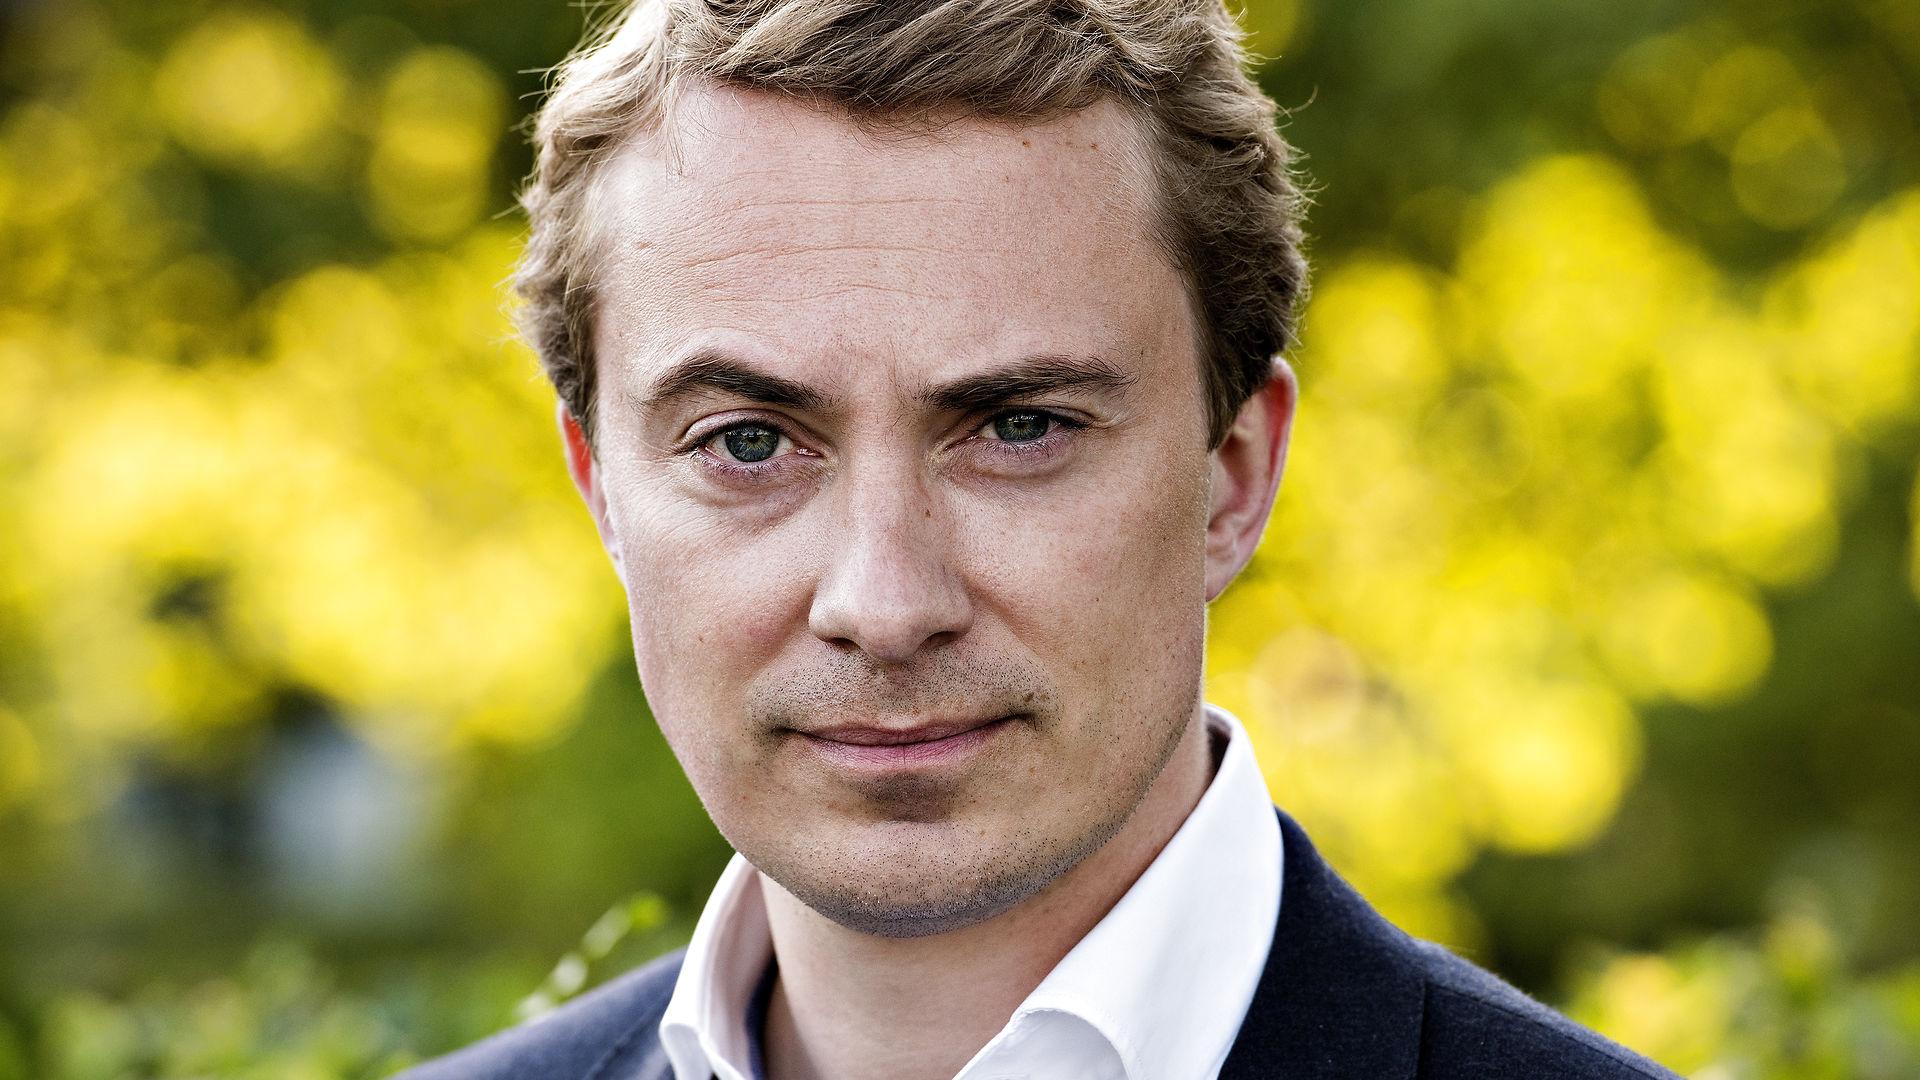 Morten Messerschmidt: Danmark skal bryde med menneskerettighedskonventionen, så vi kan sende flere kriminelle udlændinge ud af landet